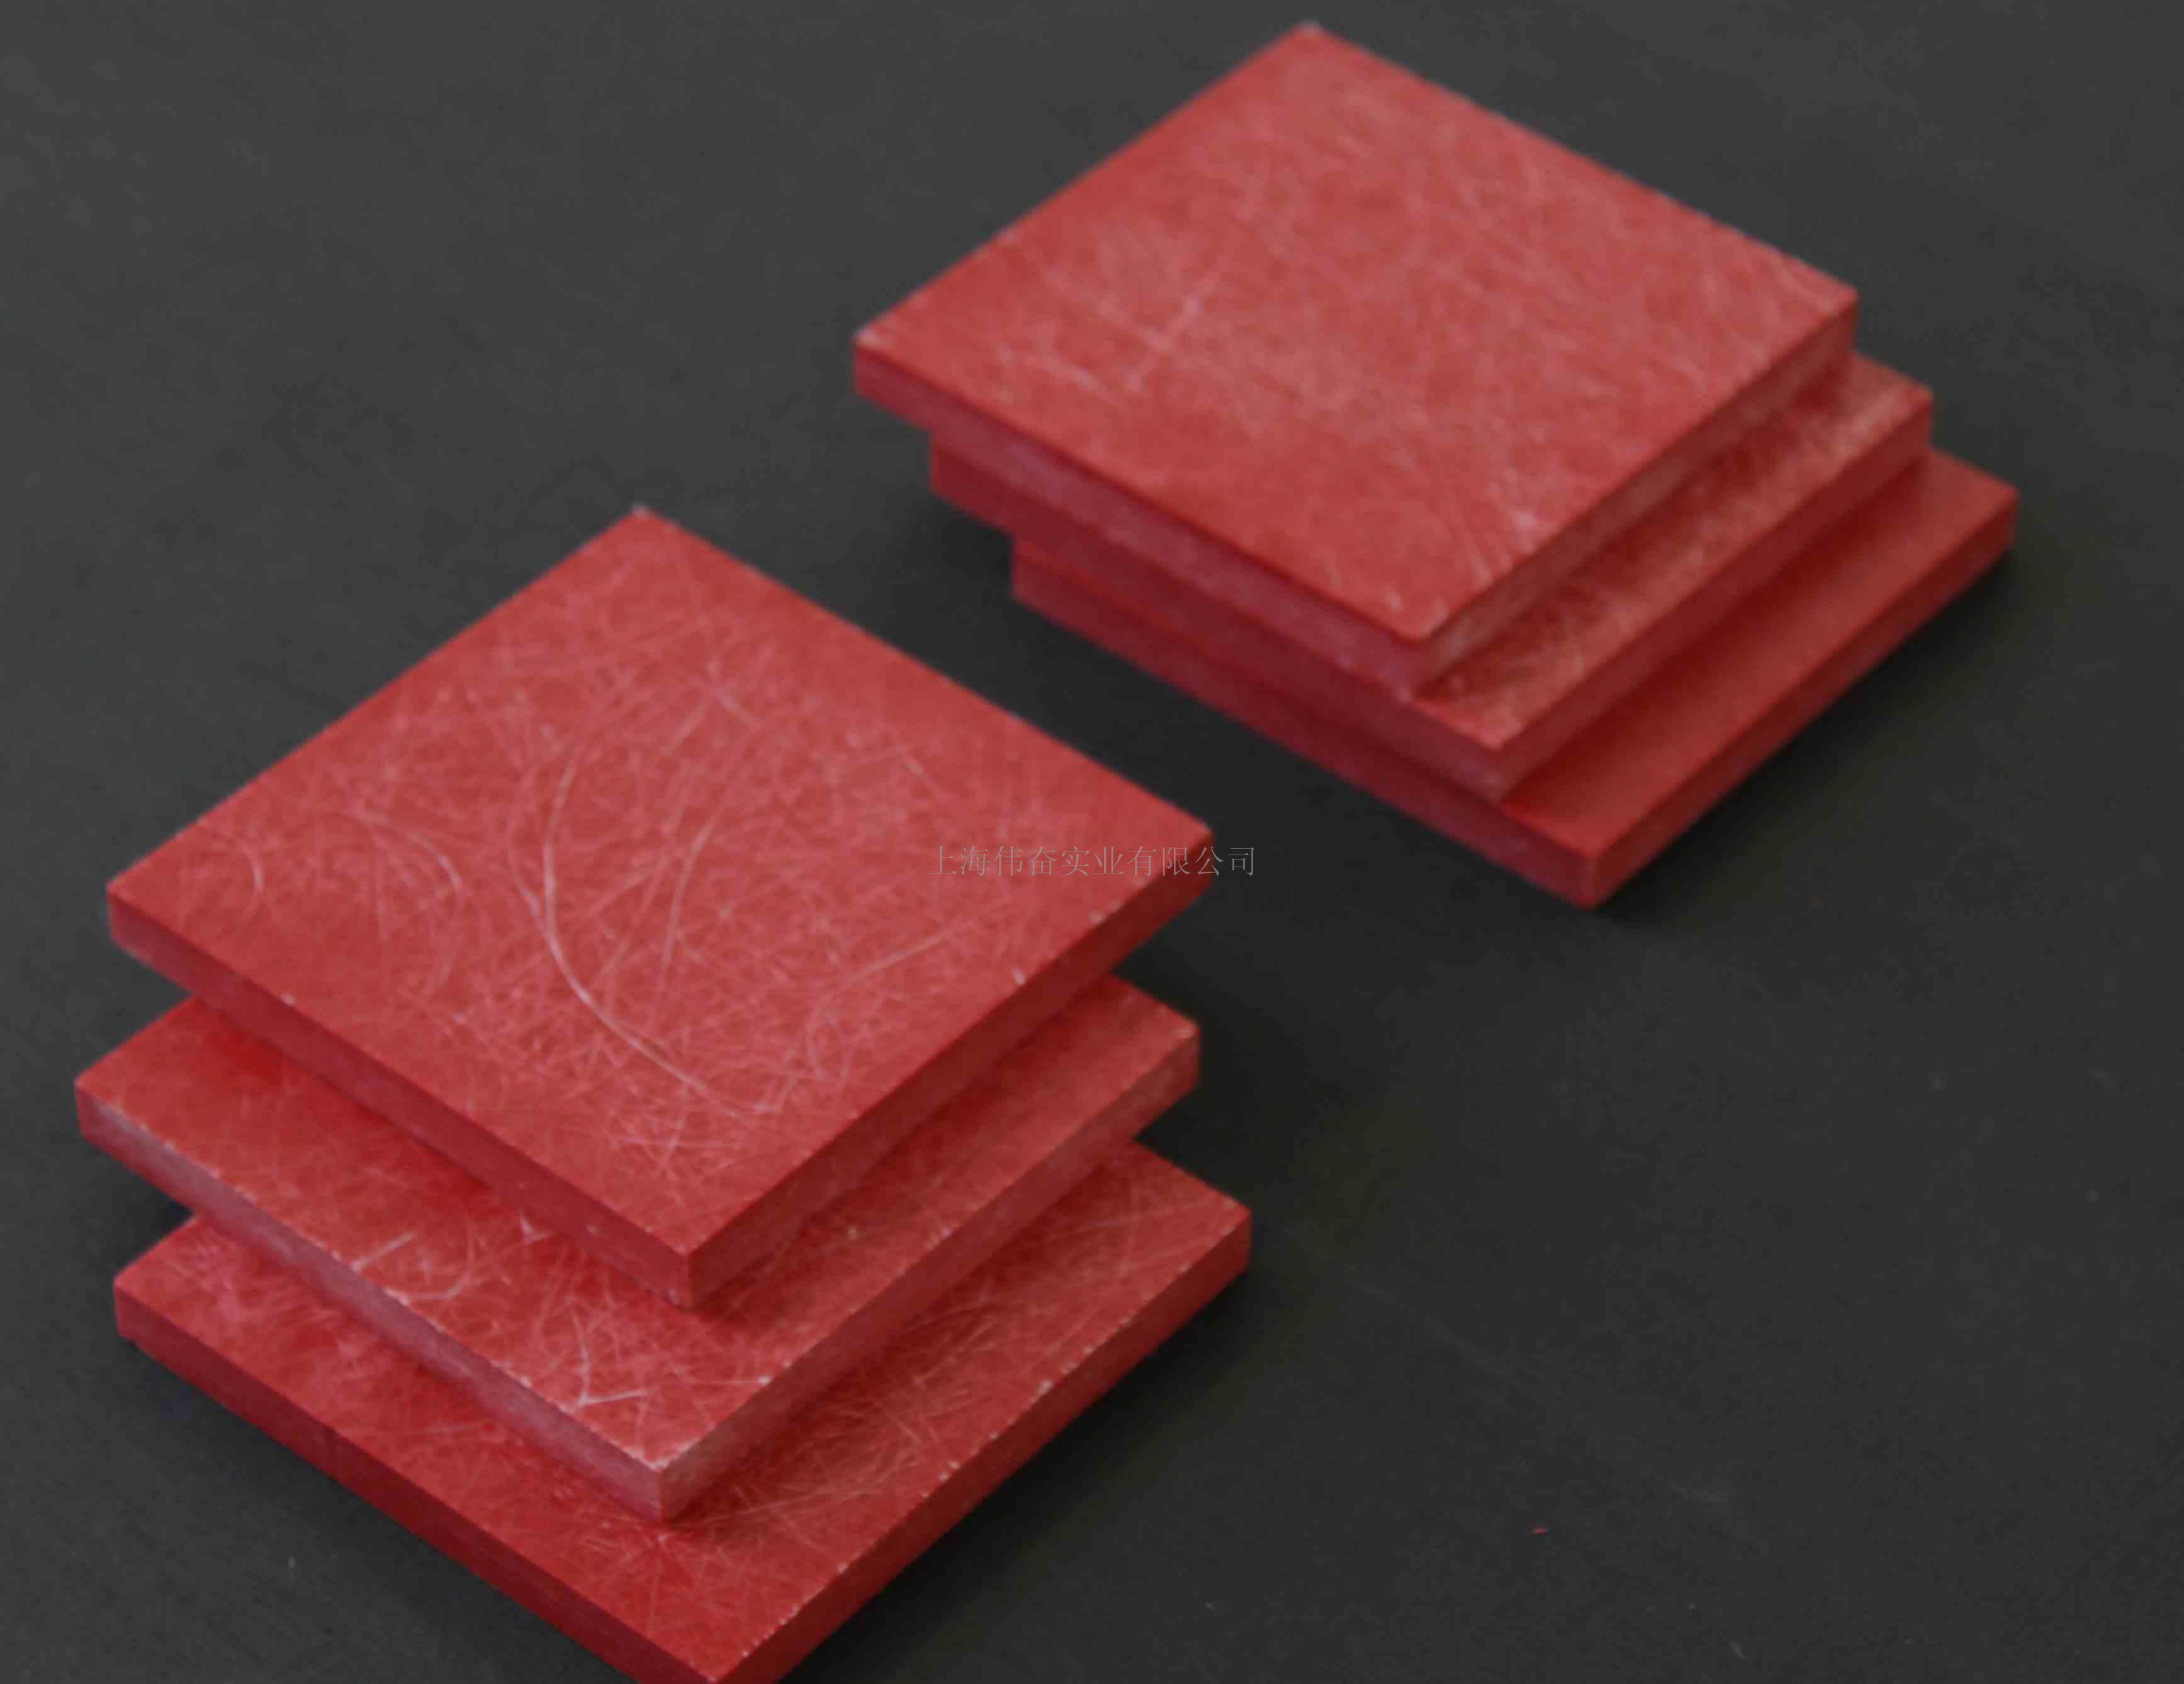 供应进口gpo-3聚酯树脂板(UTR1494 UPGM203 GPO-3 不报聚酯树脂板 德国劳士领 (ROECHLING) 集团是世界著名的合成材料及工程塑料制造商,我们制造生产并且库存:板材、棒 / 管材、型材、机器加工件,产品广泛用于电力,电子,电气,机械, 化工等行业。 劳士领国际于 2009 年七月与上海伟奋在上海打造 Glastic 现货仓库.